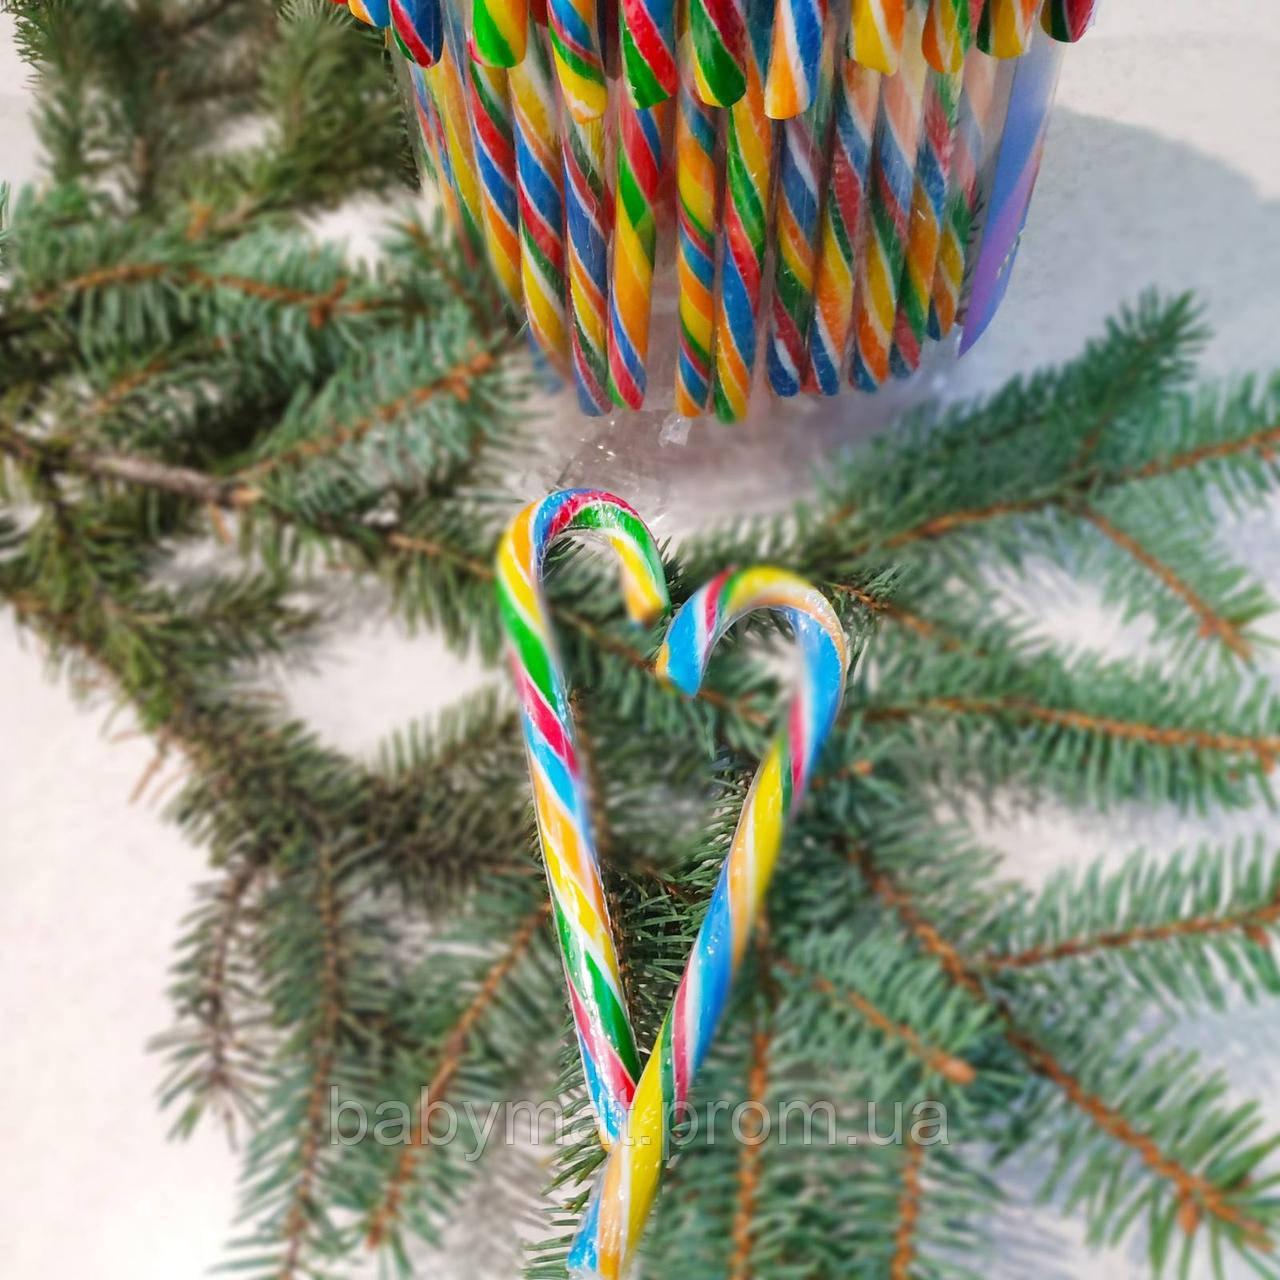 Candy Canes Новогодние леденцы трости карамель Тутти- Фрутти 12 грамм 12 см